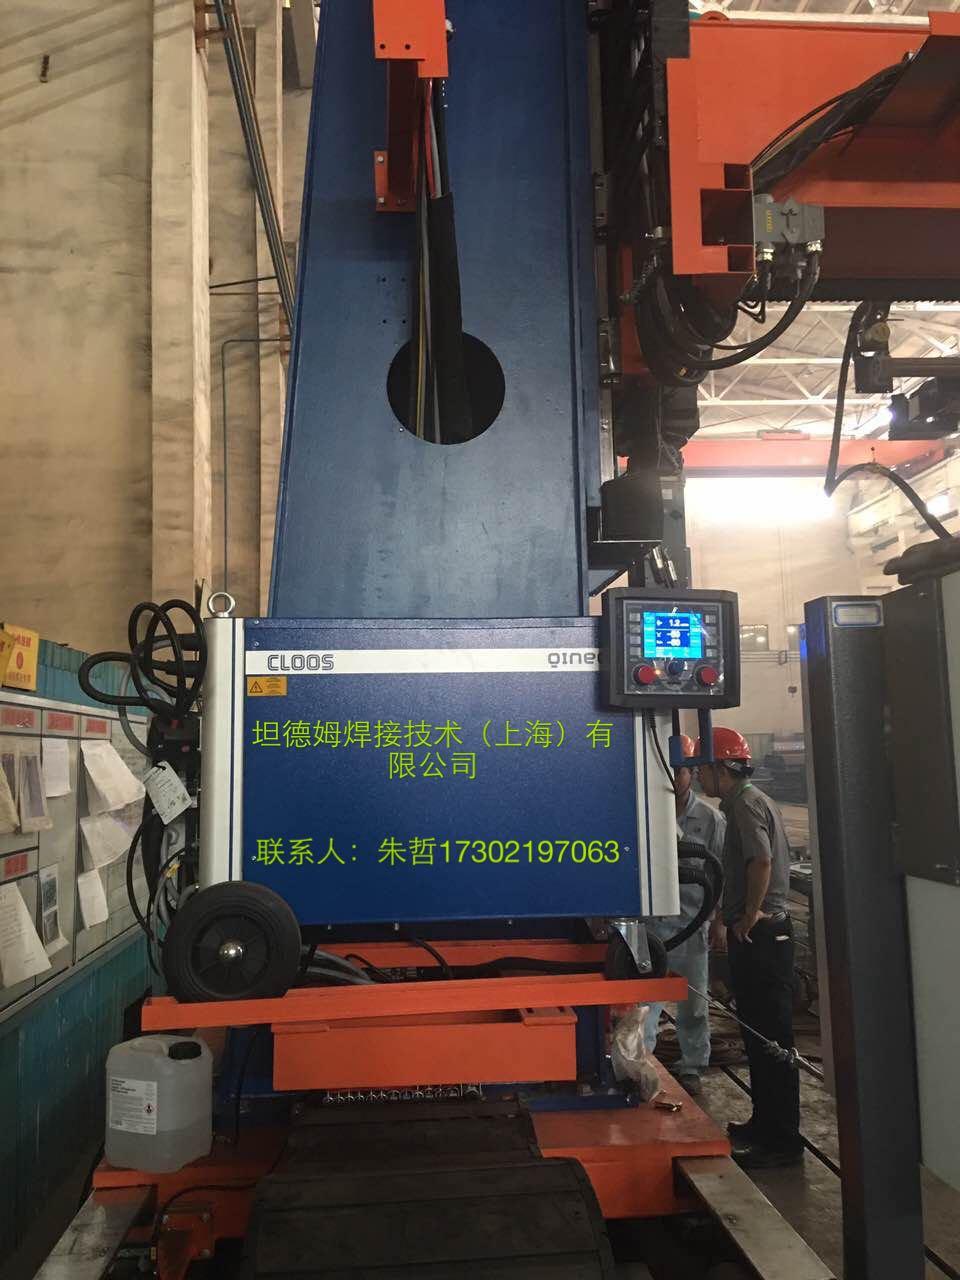 来自朱哲发布的供应信息:德国卡尔克鲁斯焊接技术有限公司是欧洲著名... - 坦德姆焊接技术(上海)有限公司